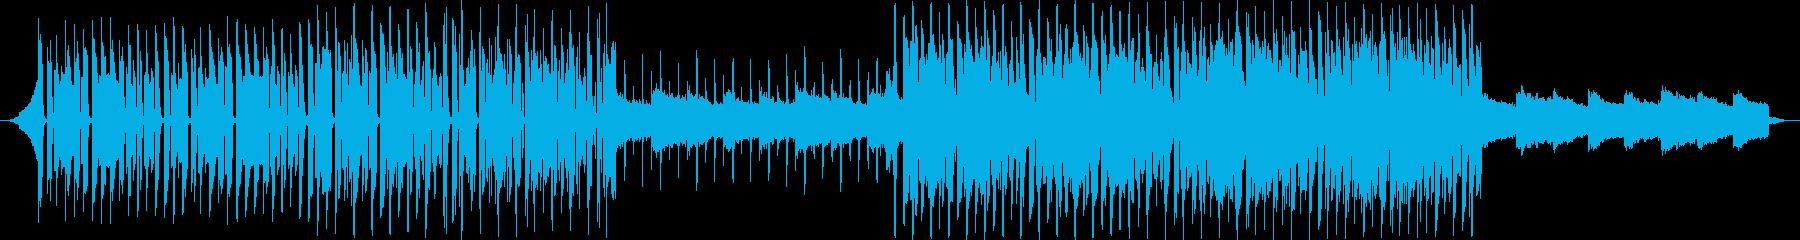 テクノポップ系トラックの再生済みの波形